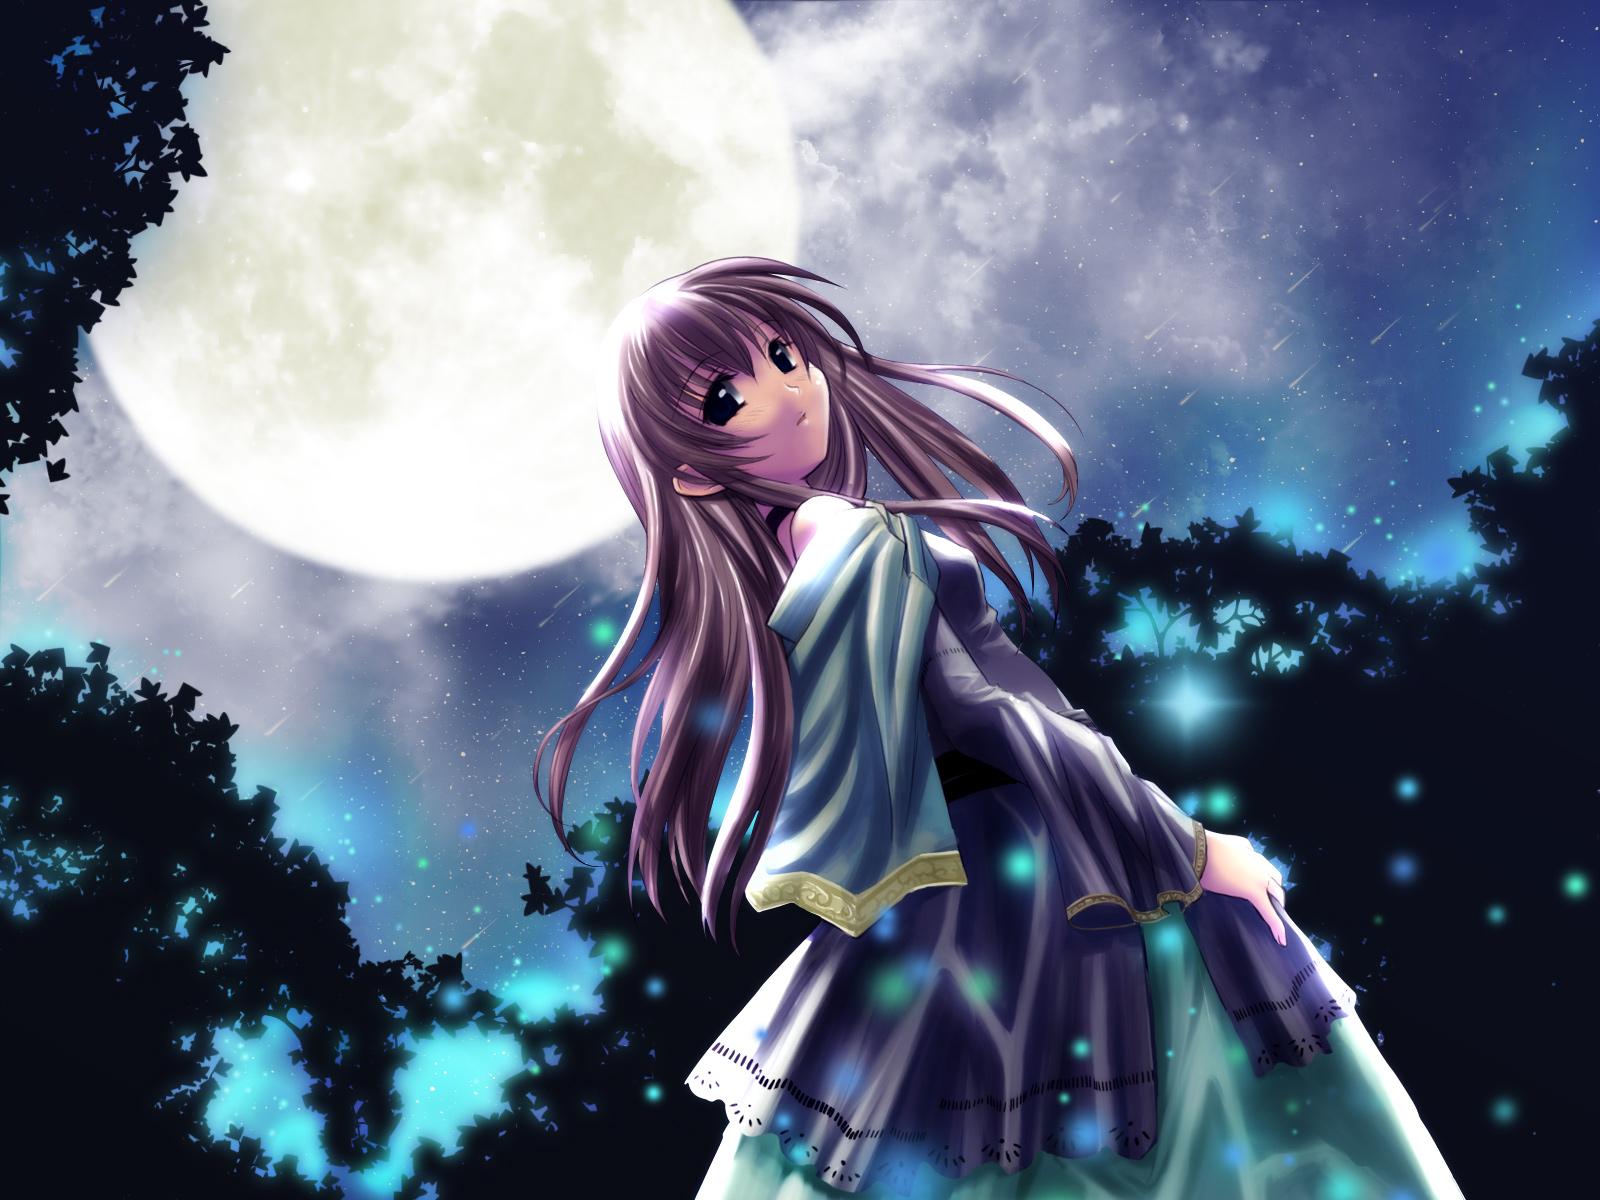 Fushigi Yoru Anime Wallpaper